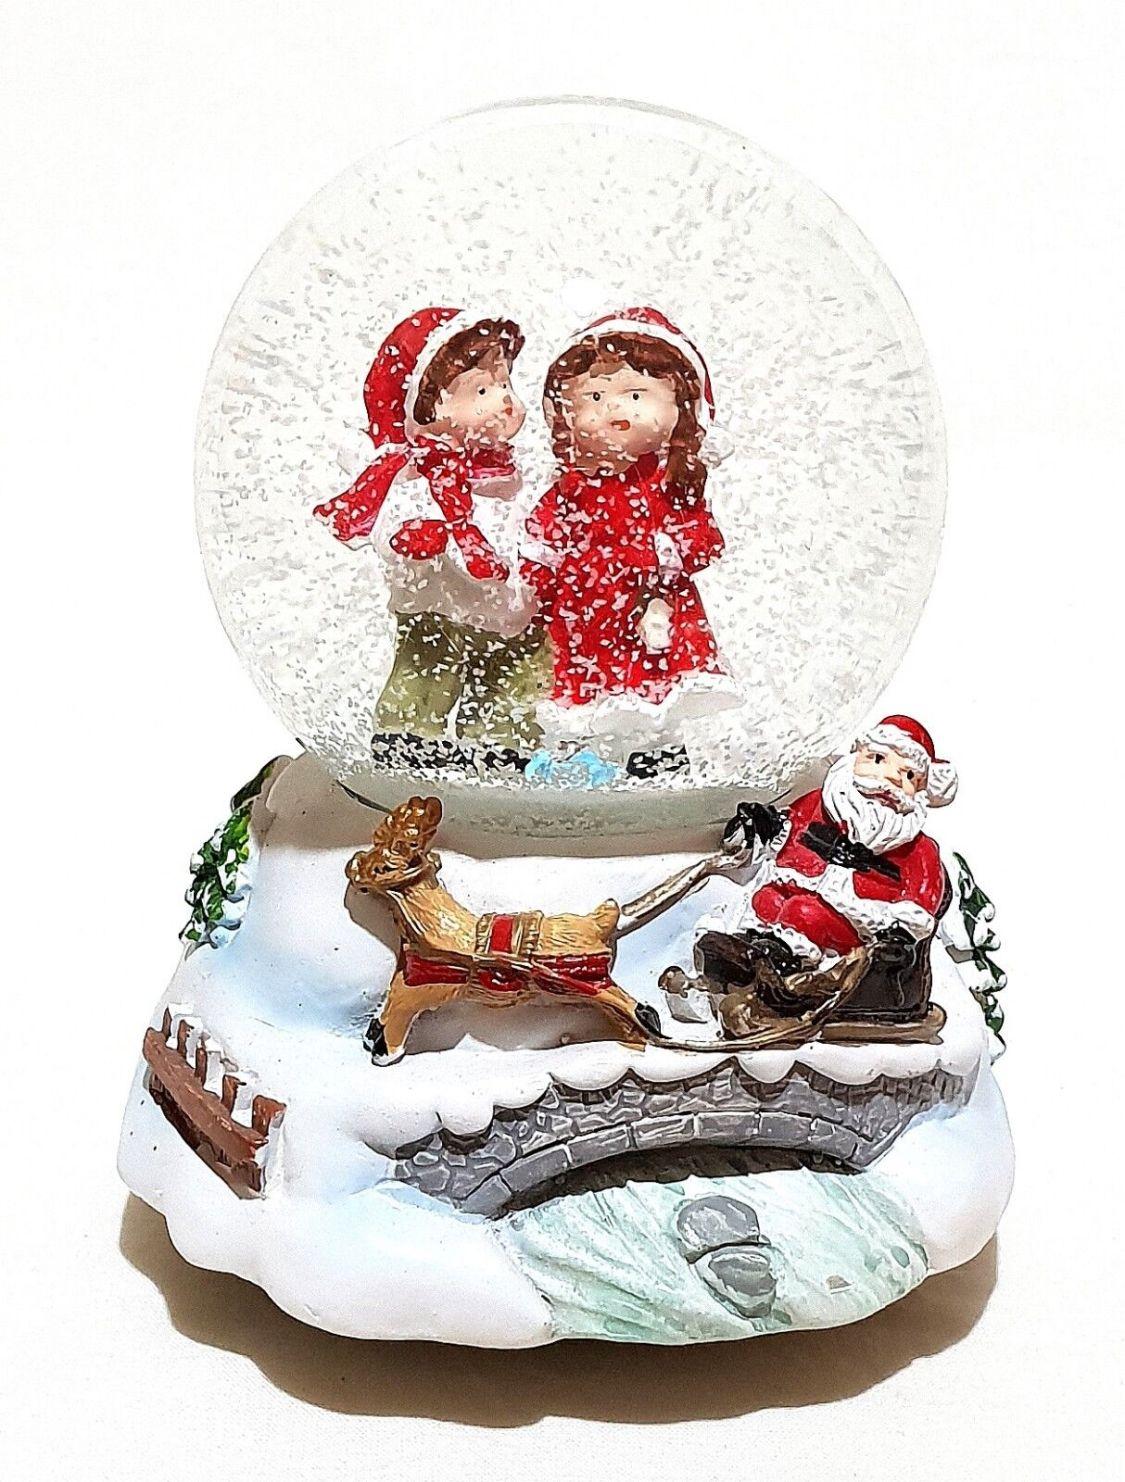 Große Mechanische Spieluhr Schneekugel Schüttelkugel Weihnachtsmann Schlitten